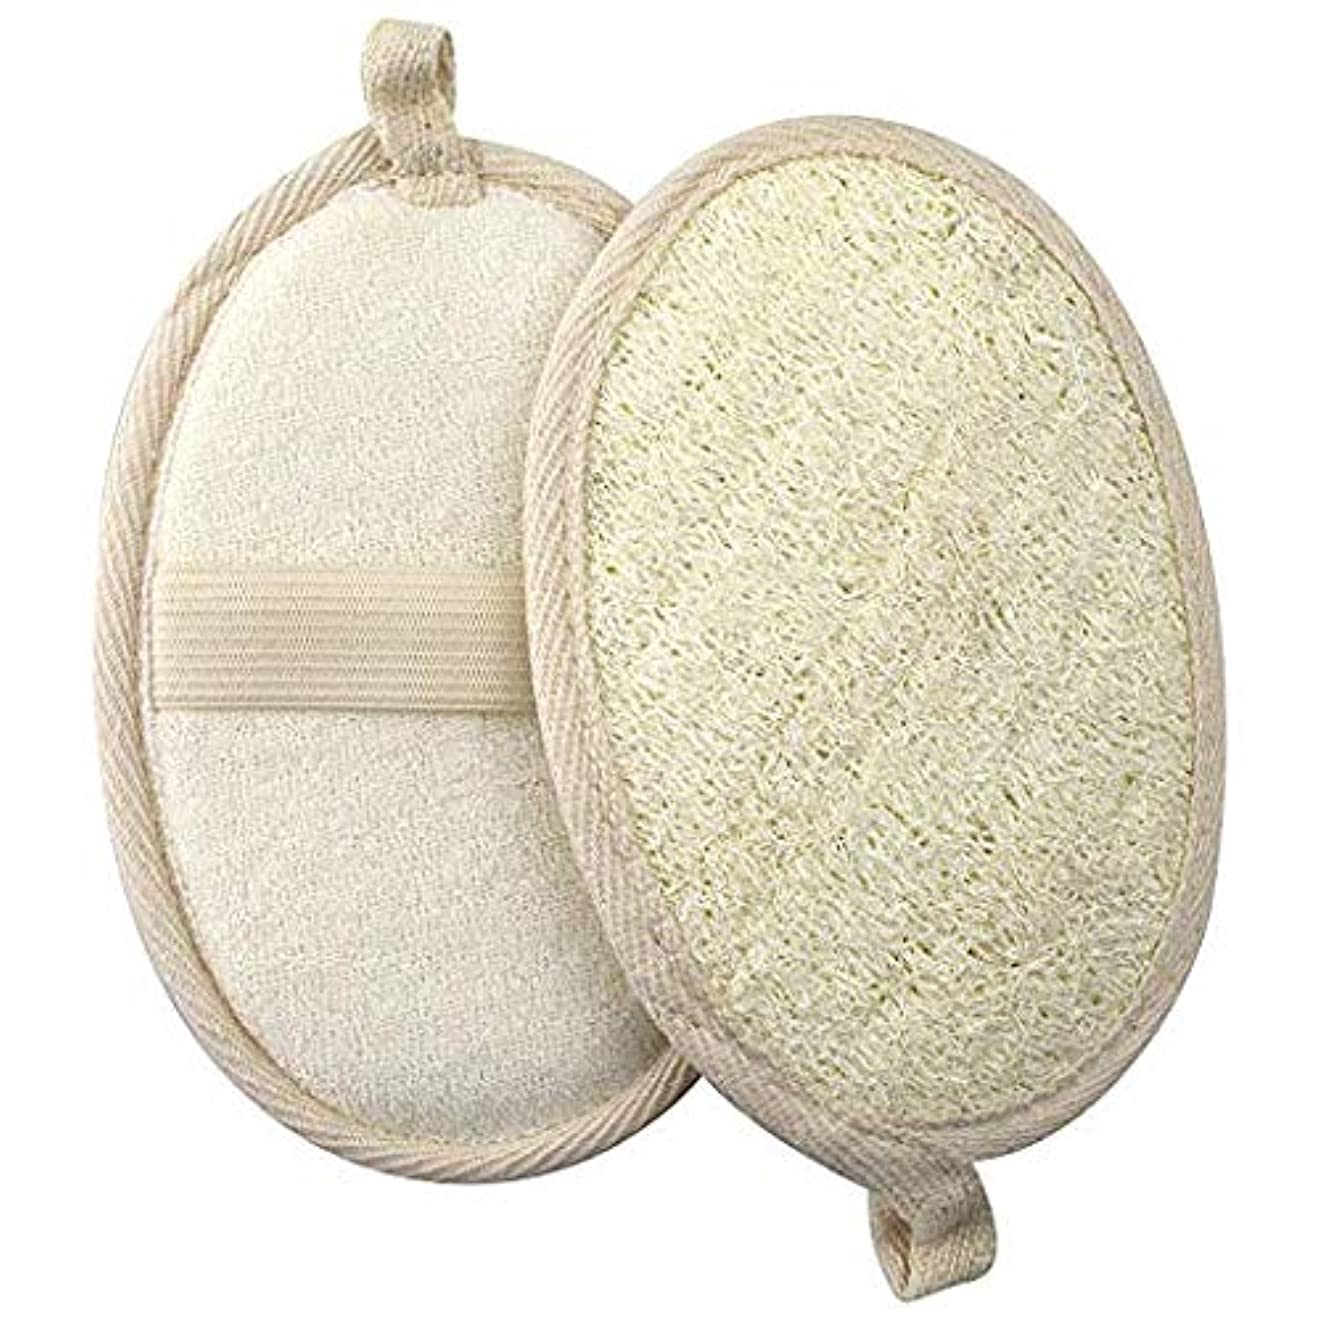 瞑想分解する反対するGWHOLE ボディスポンジ 風呂 天然ヘチマ2枚セット